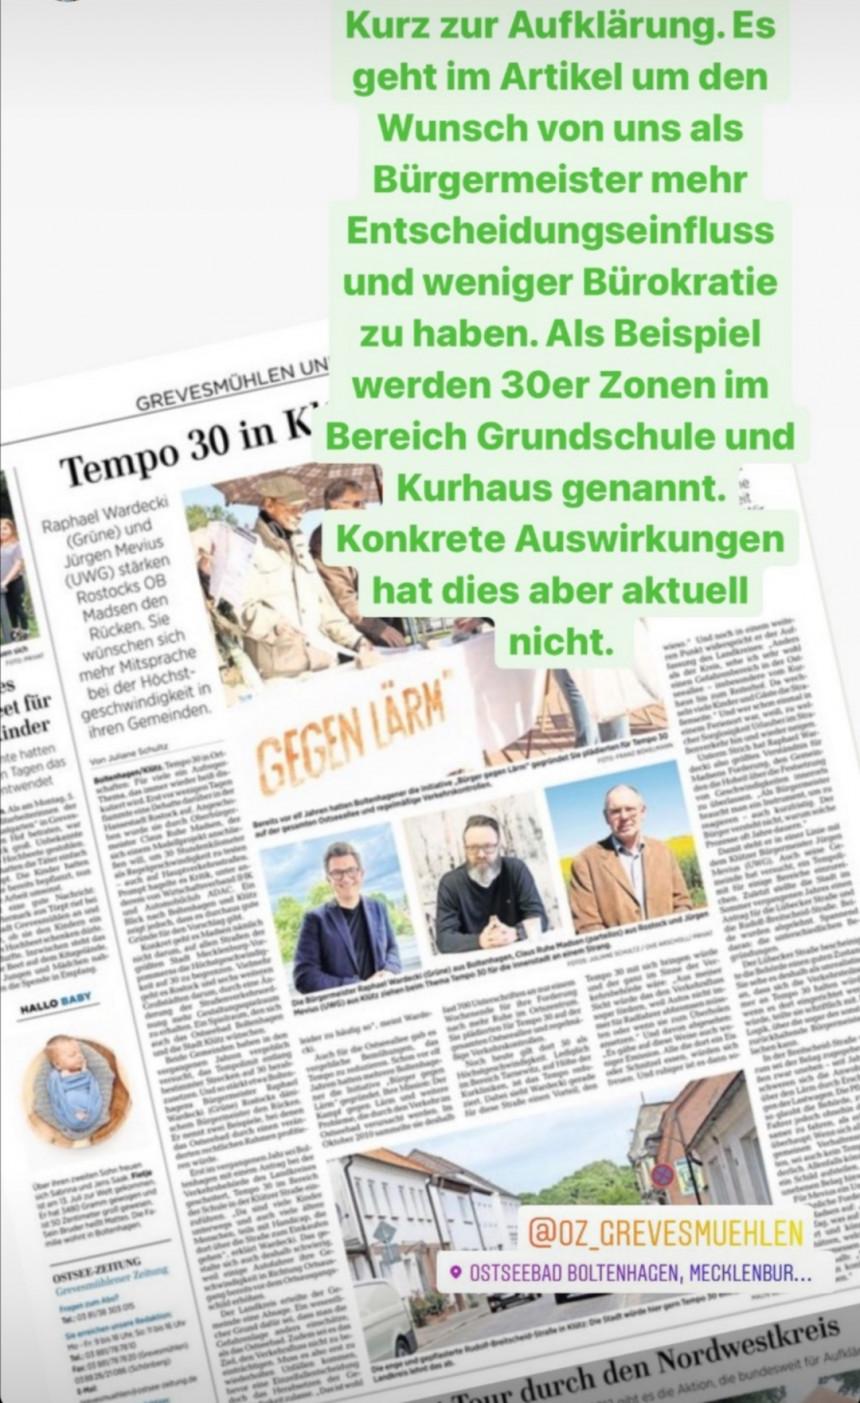 Erläuterung zum heutigen Artikel aus der Ostseezeitung